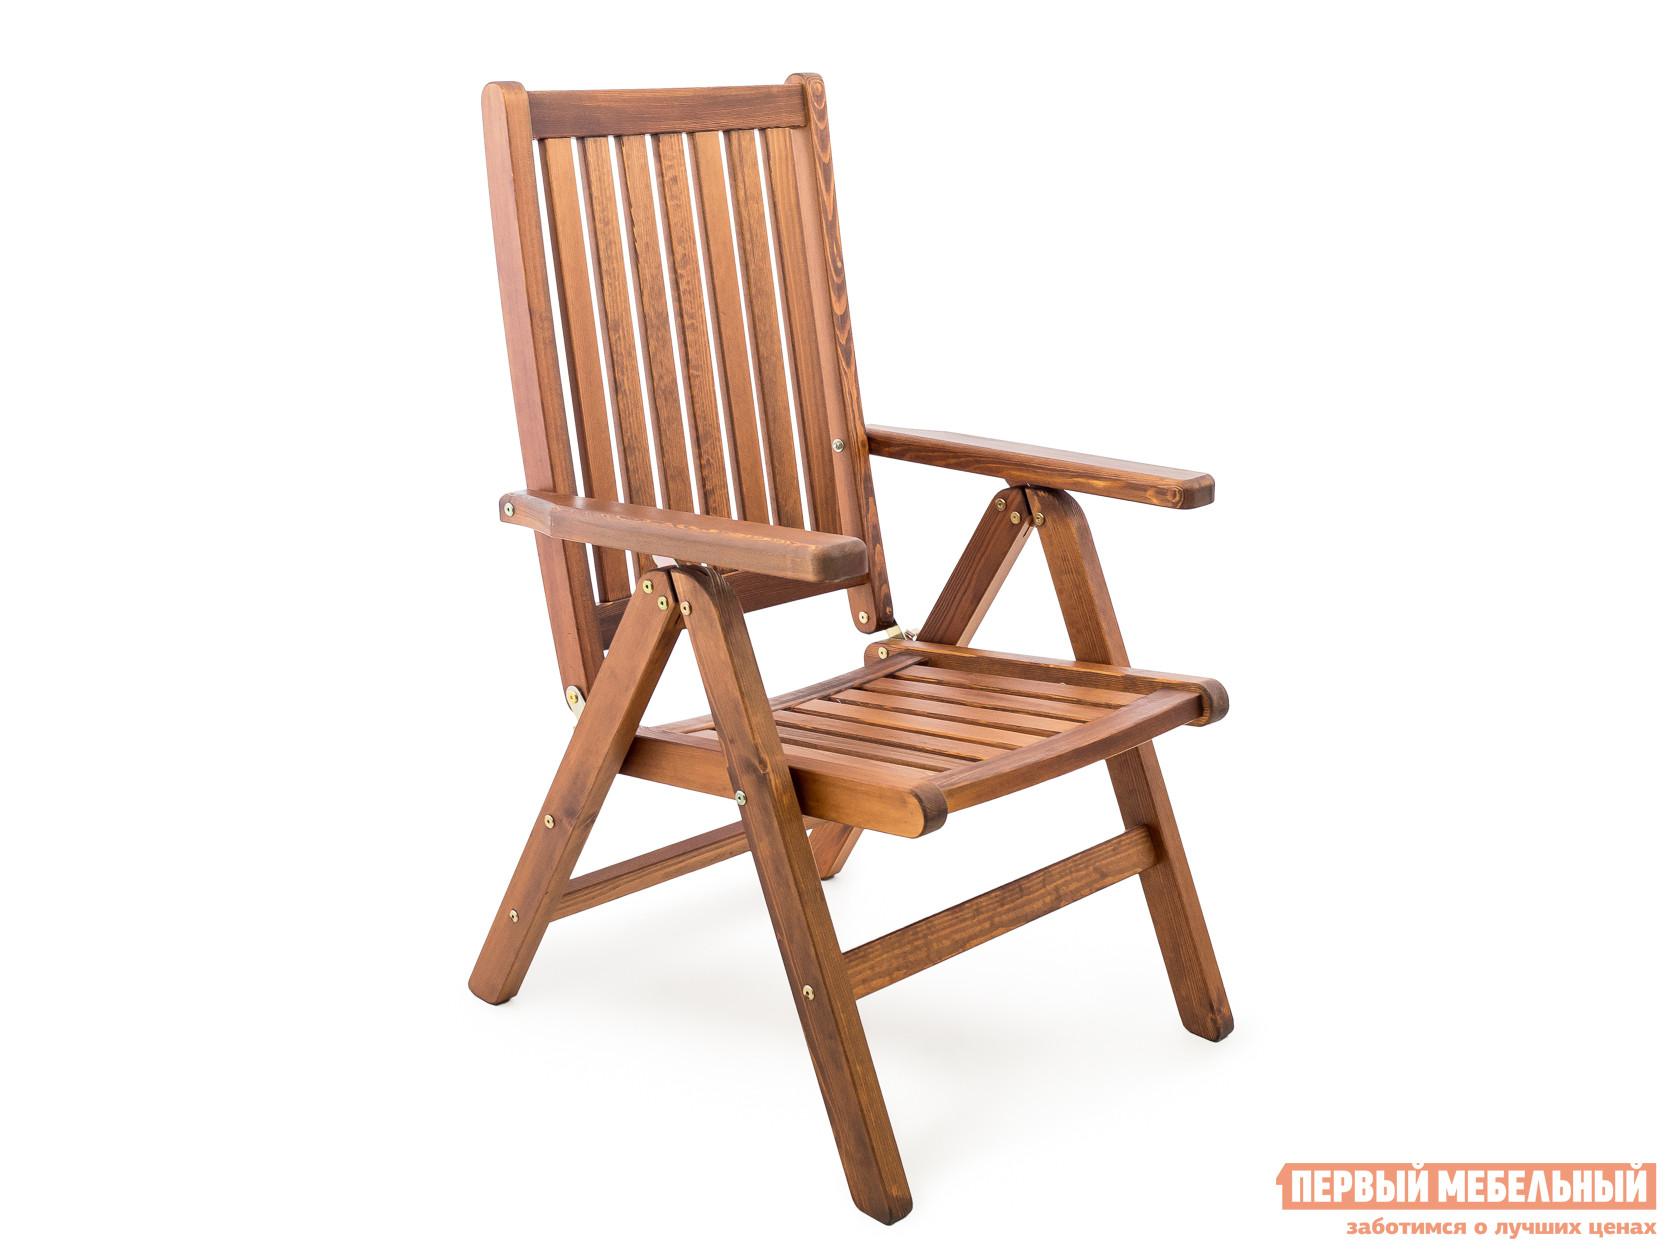 Садовое кресло Diva 161033 Fronto Коньяк от Купистол